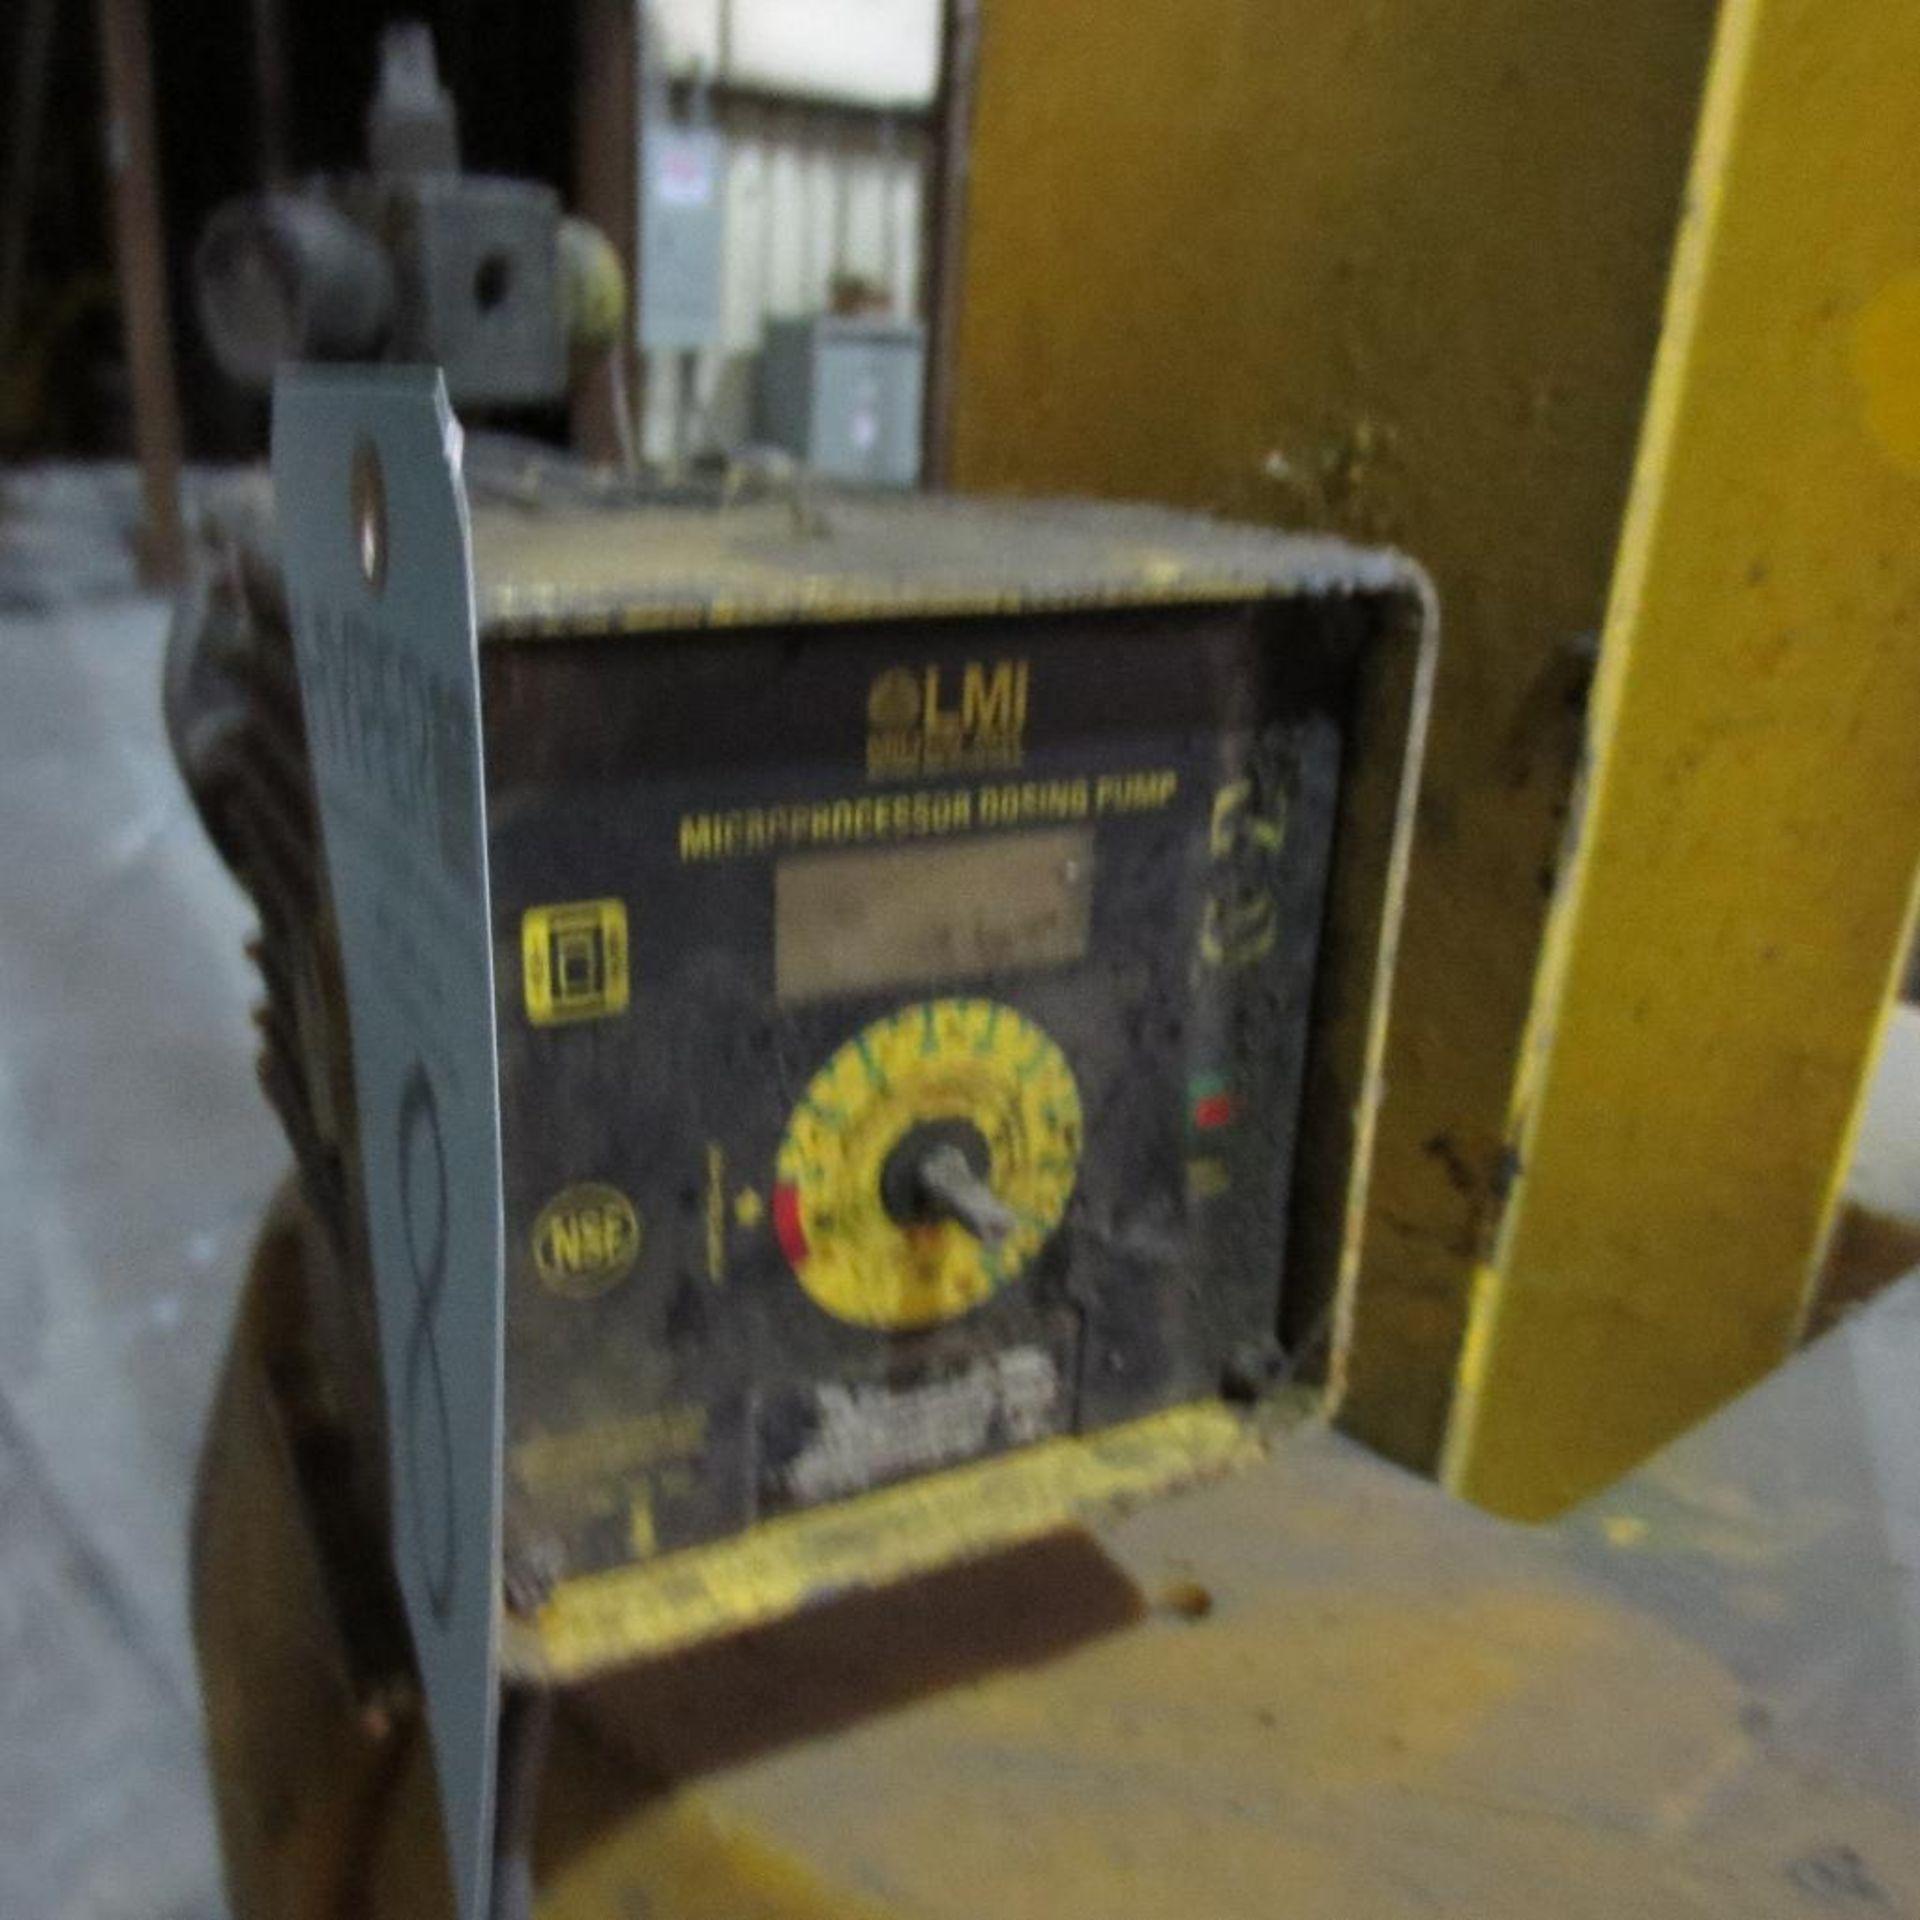 Lot 8 - LMI Microprocessor Dosing Pump